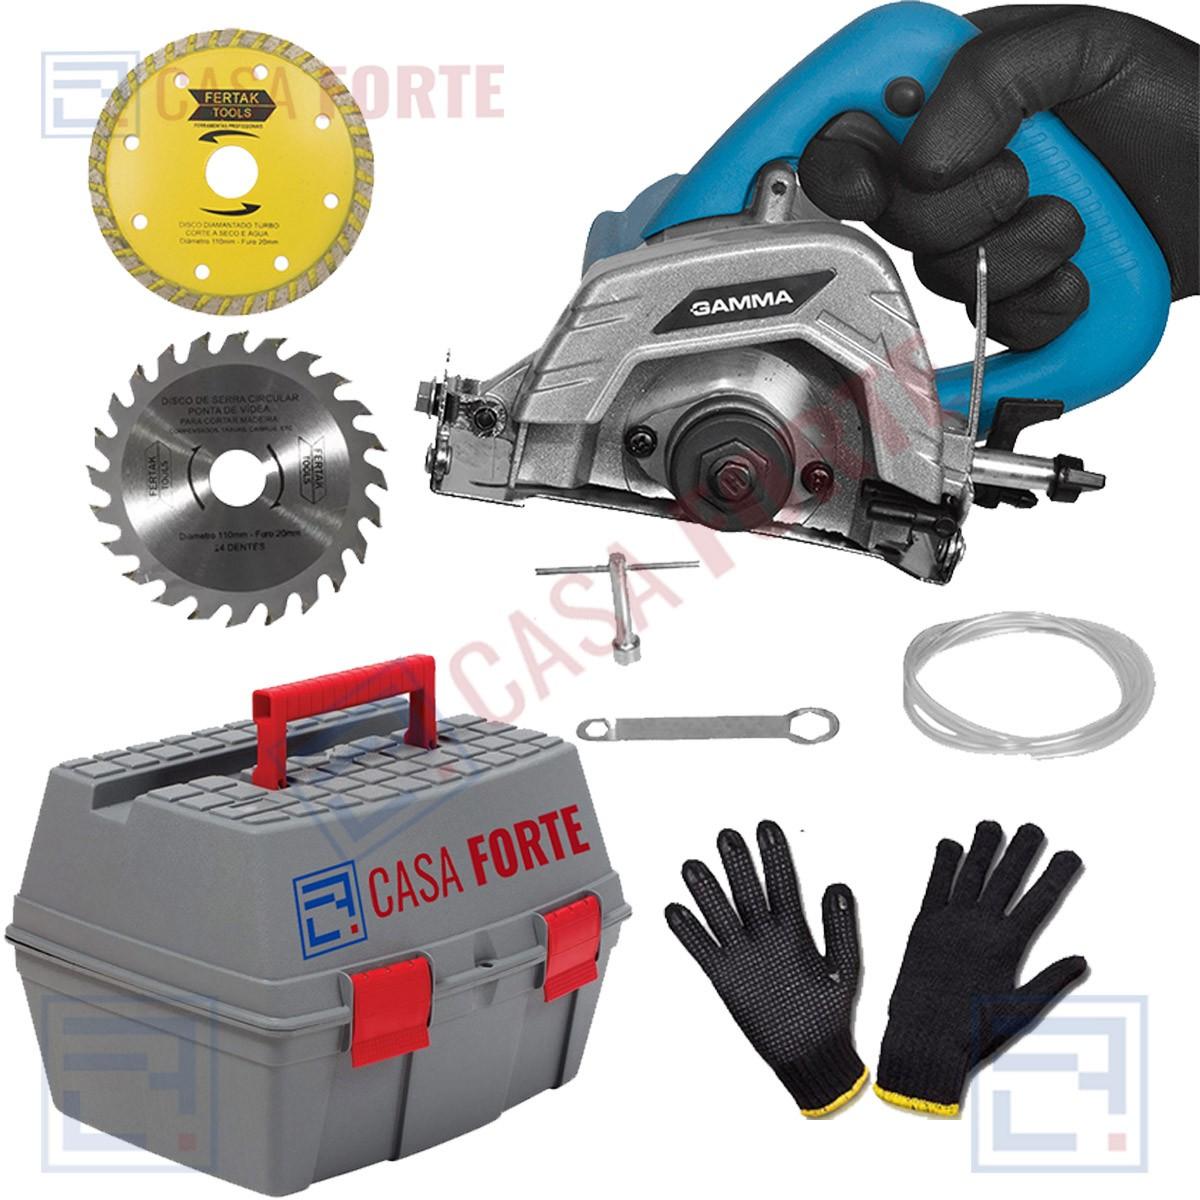 Serra Marmore 220V - 1240W kit de Acessórios e Maleta